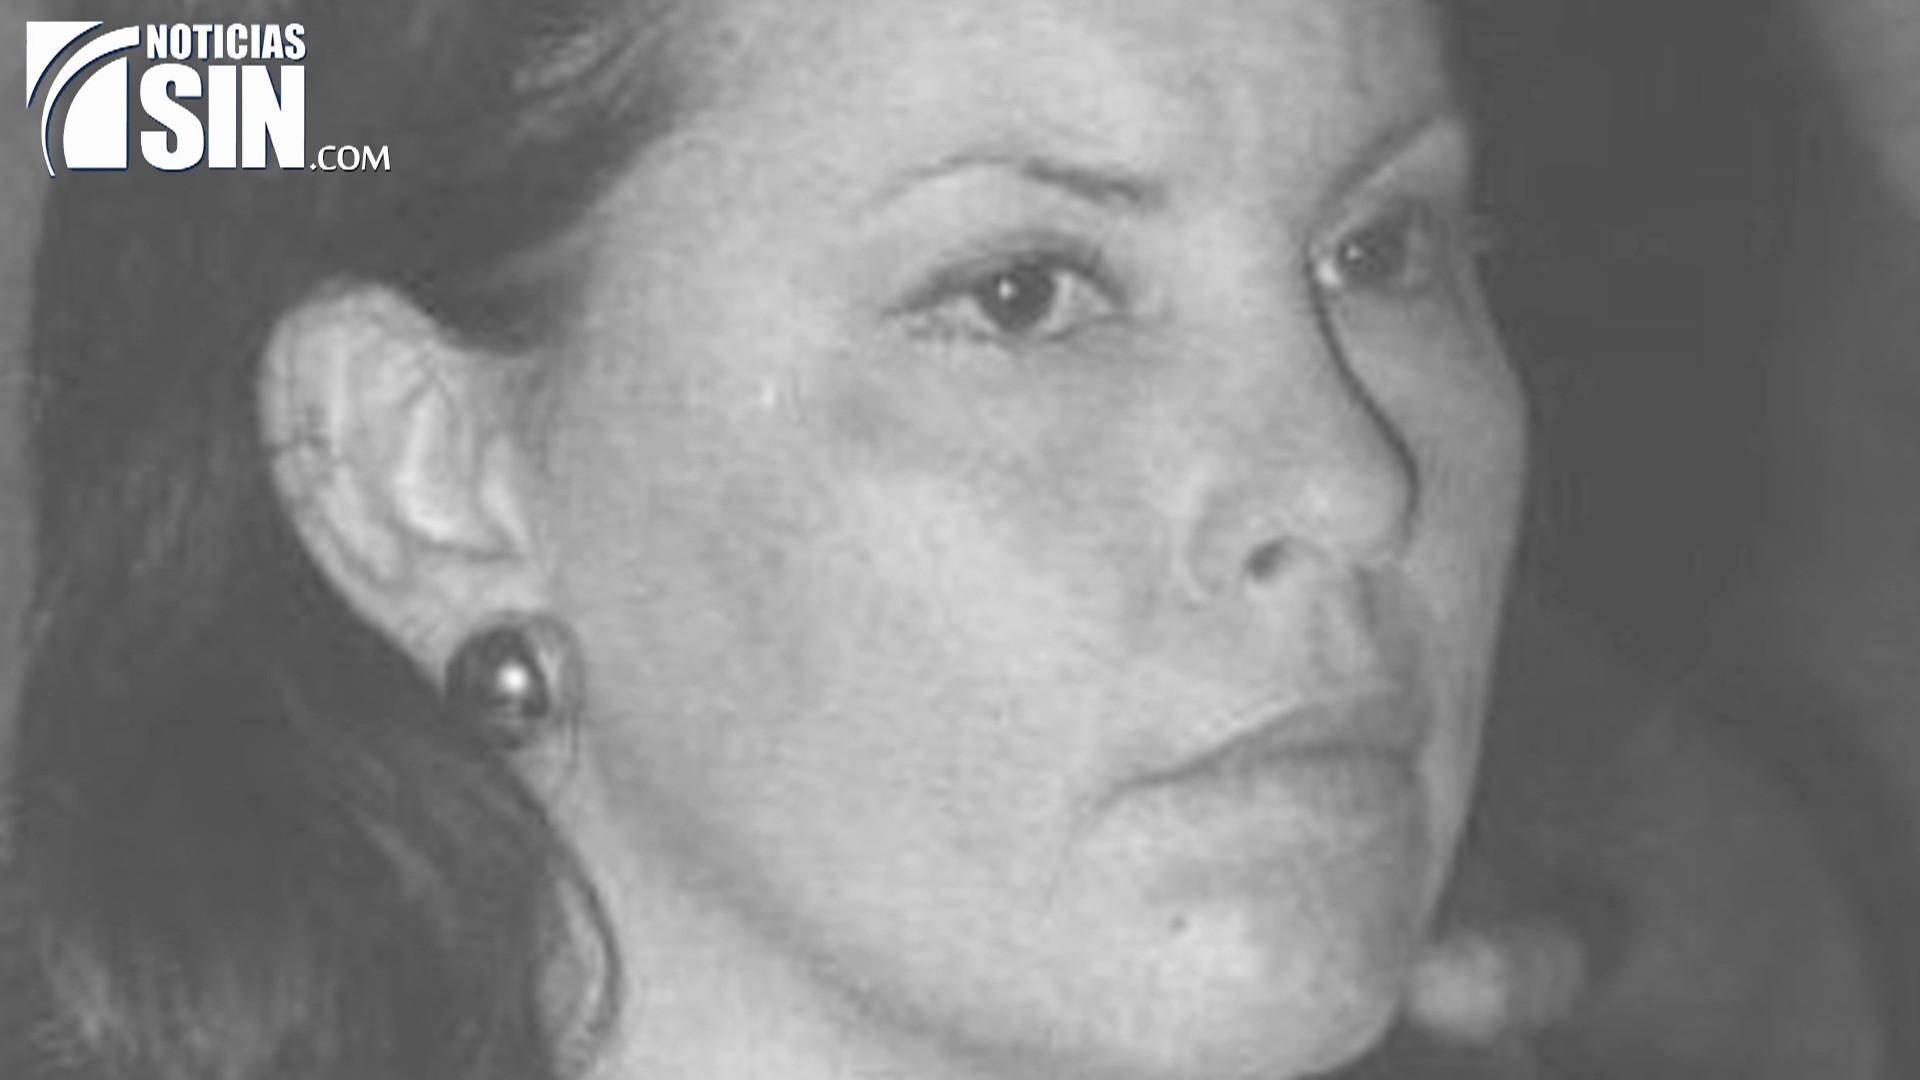 Piky Lora, una mujer luchadora por la democracia y la verdad